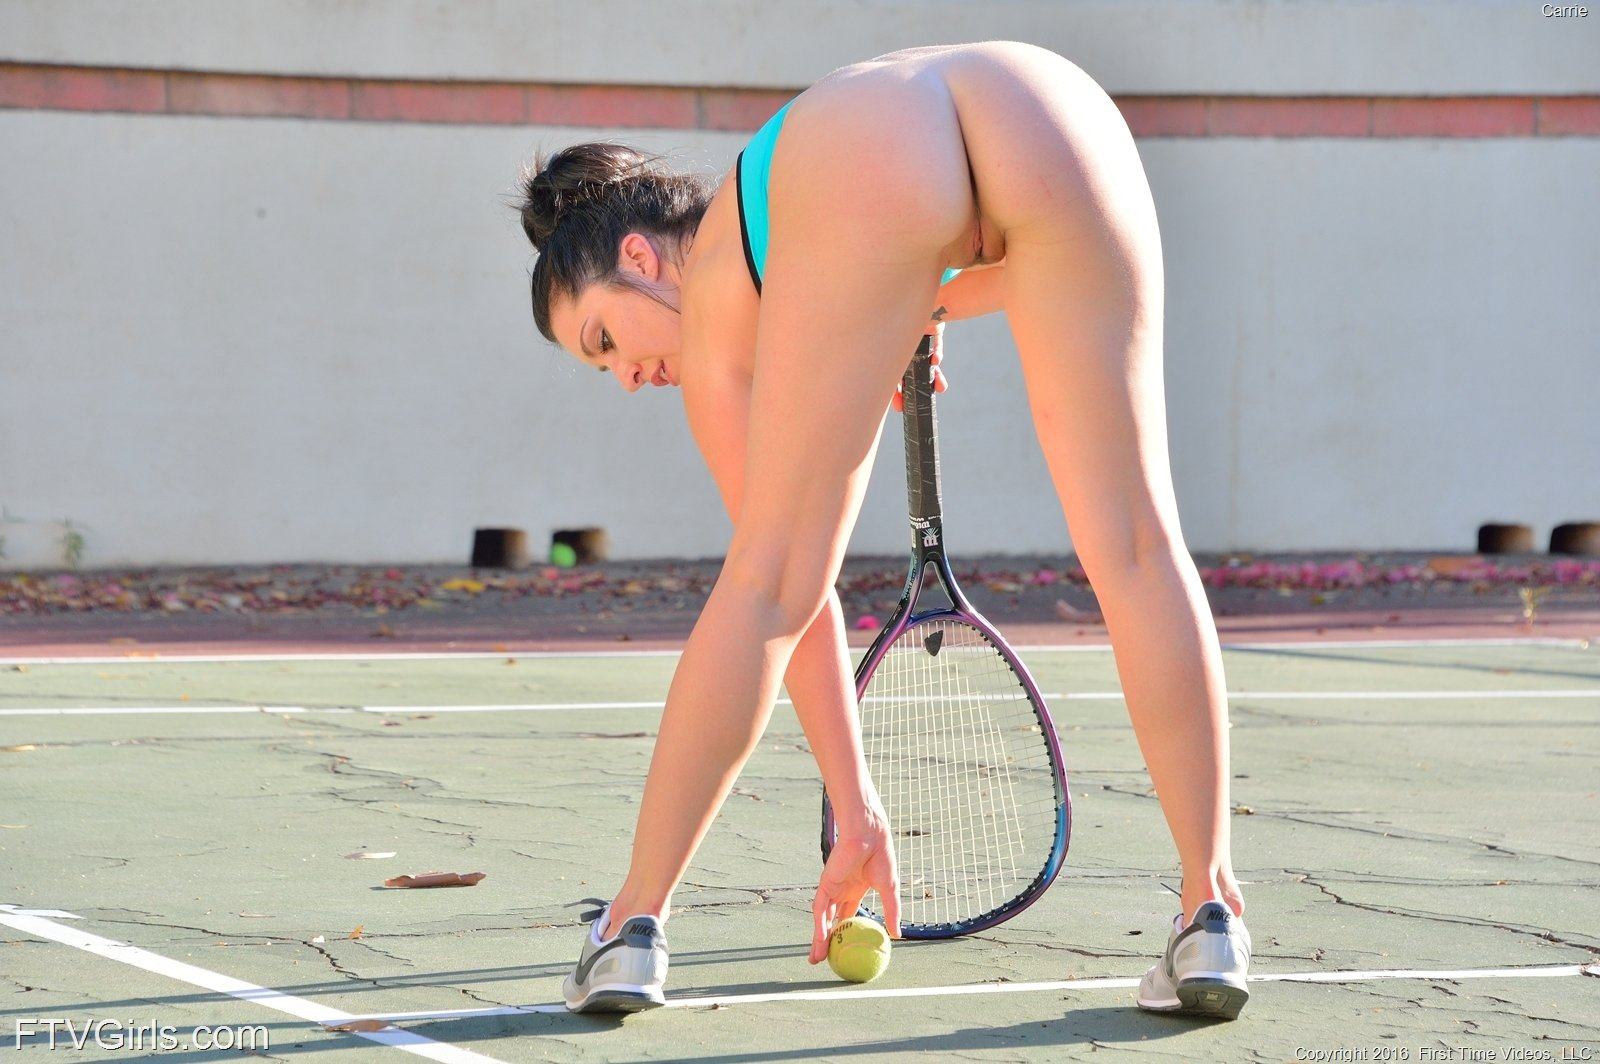 Спортсменка без трусов голая, ххх присланное видео